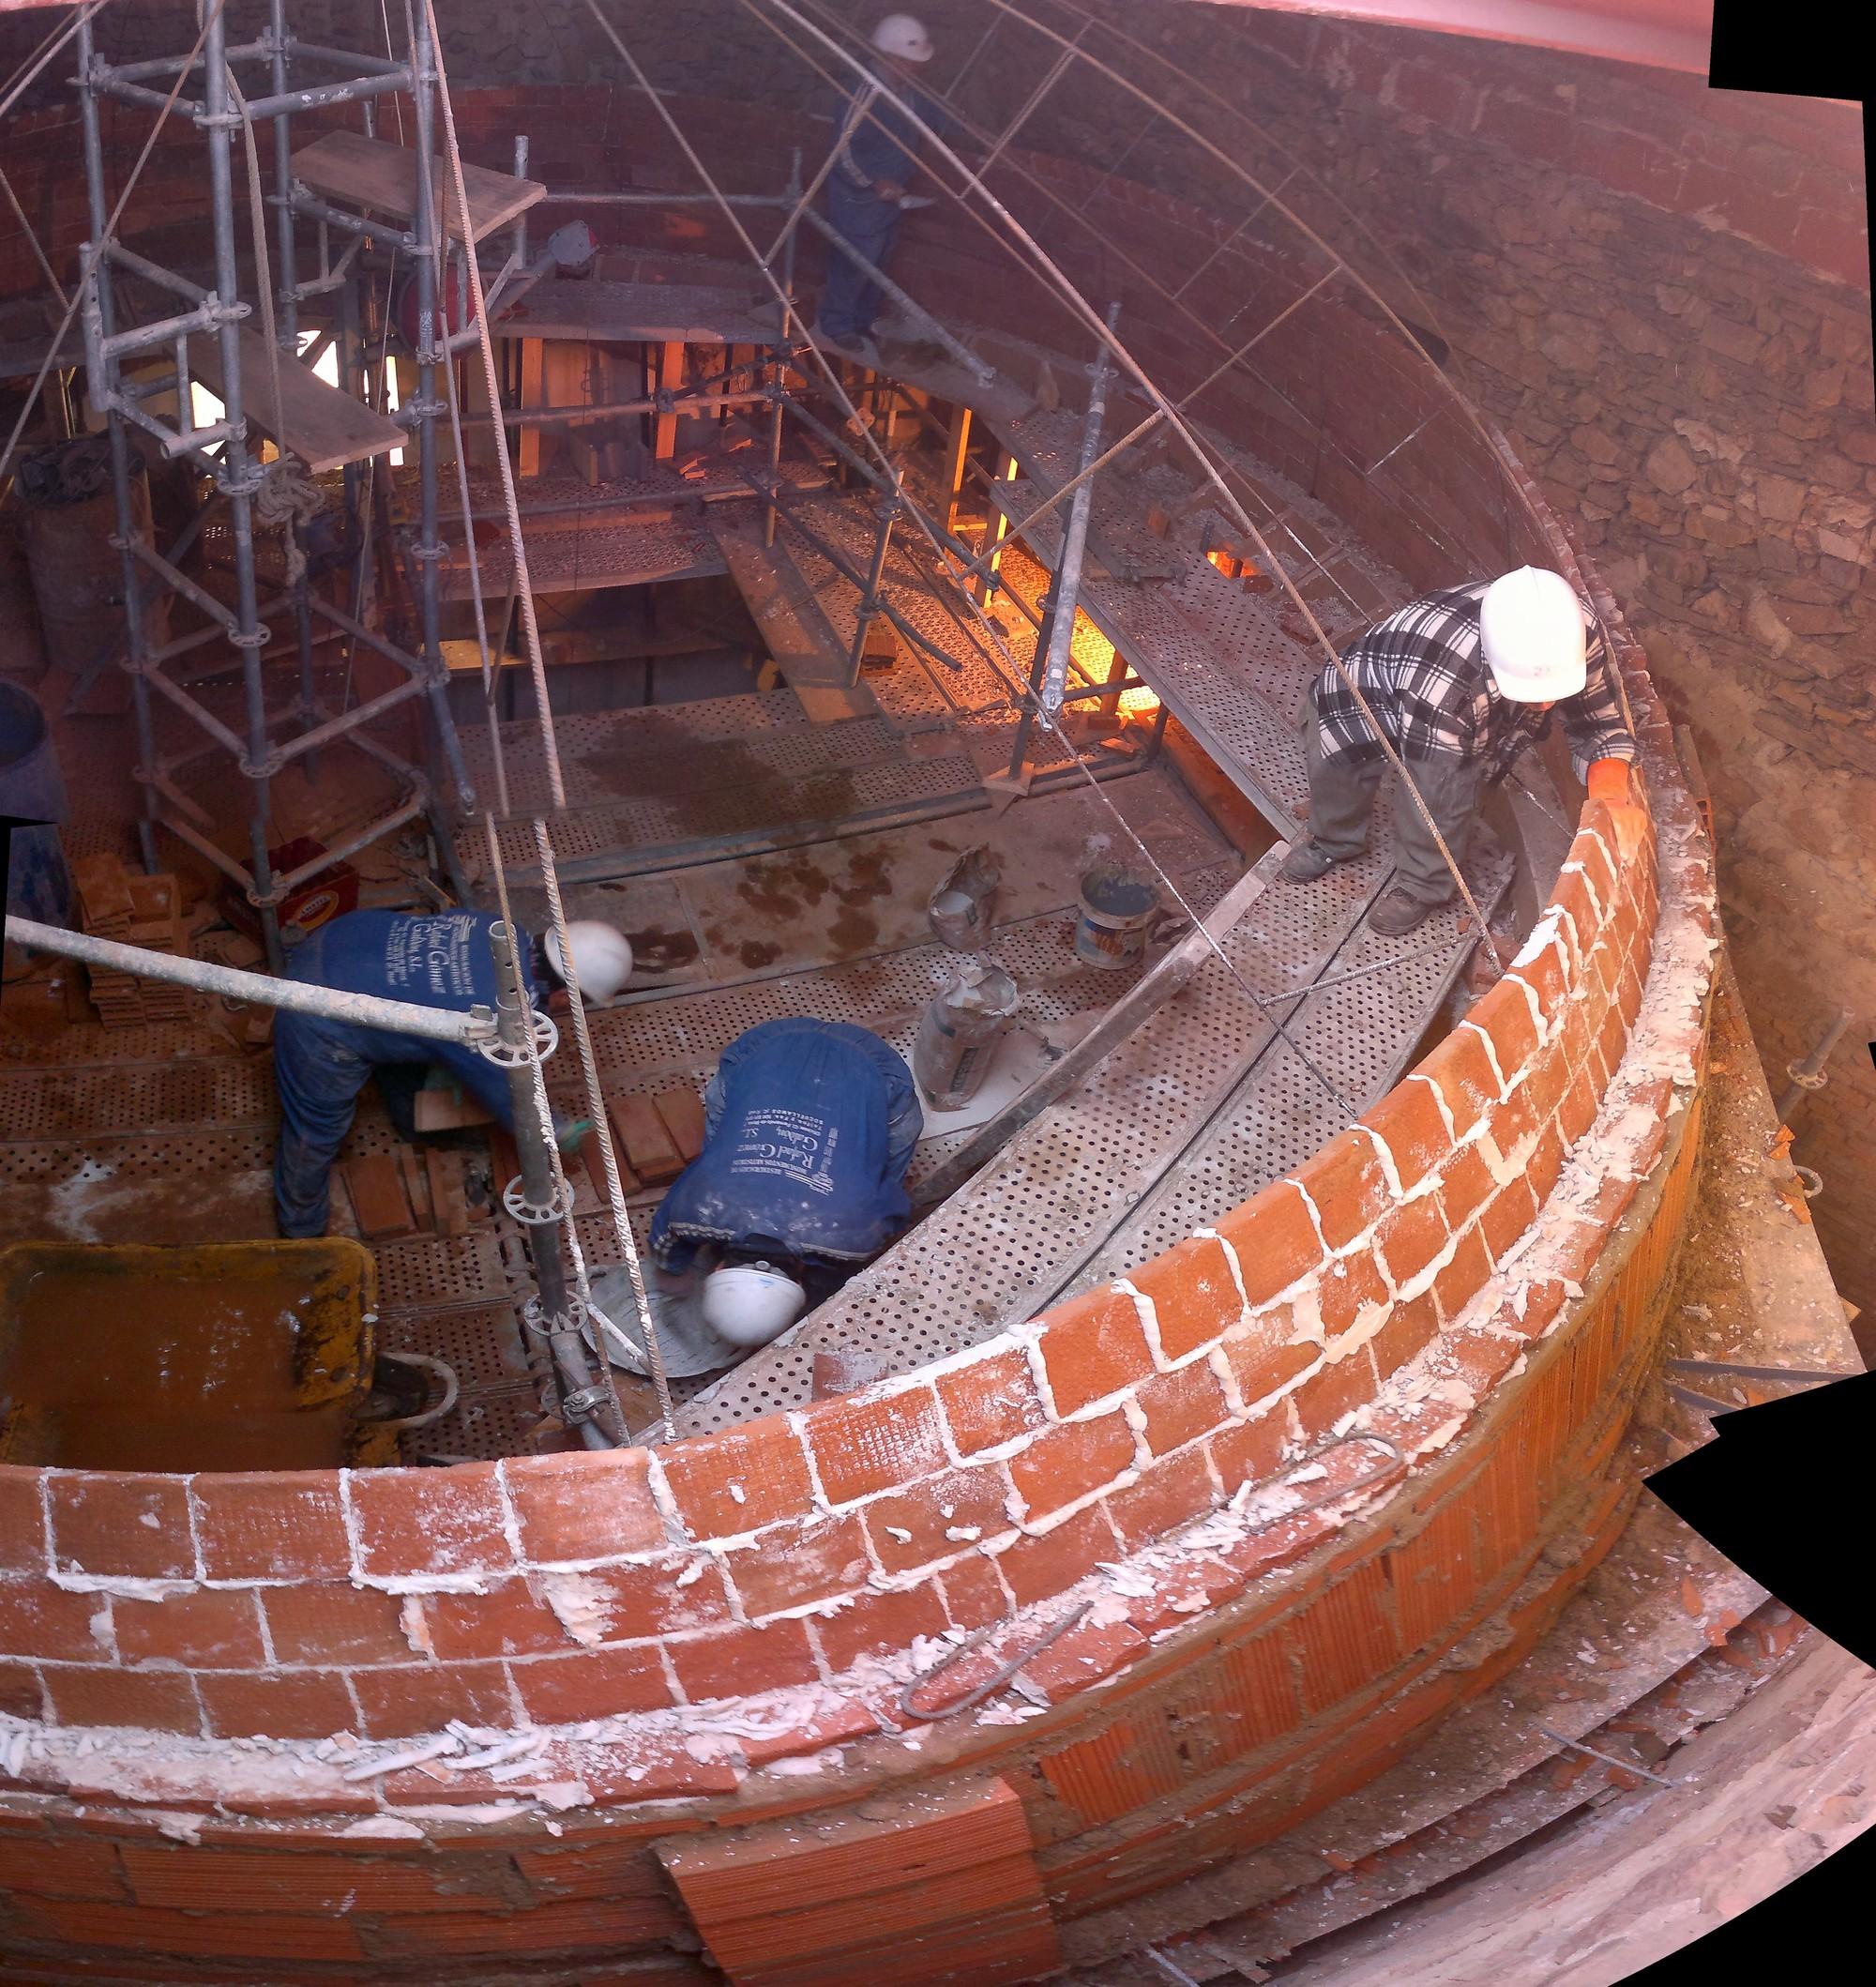 Reconstrucción en albañilería de la Cúpula de la Iglesia Parroquial de Valverde de Los Arroyos